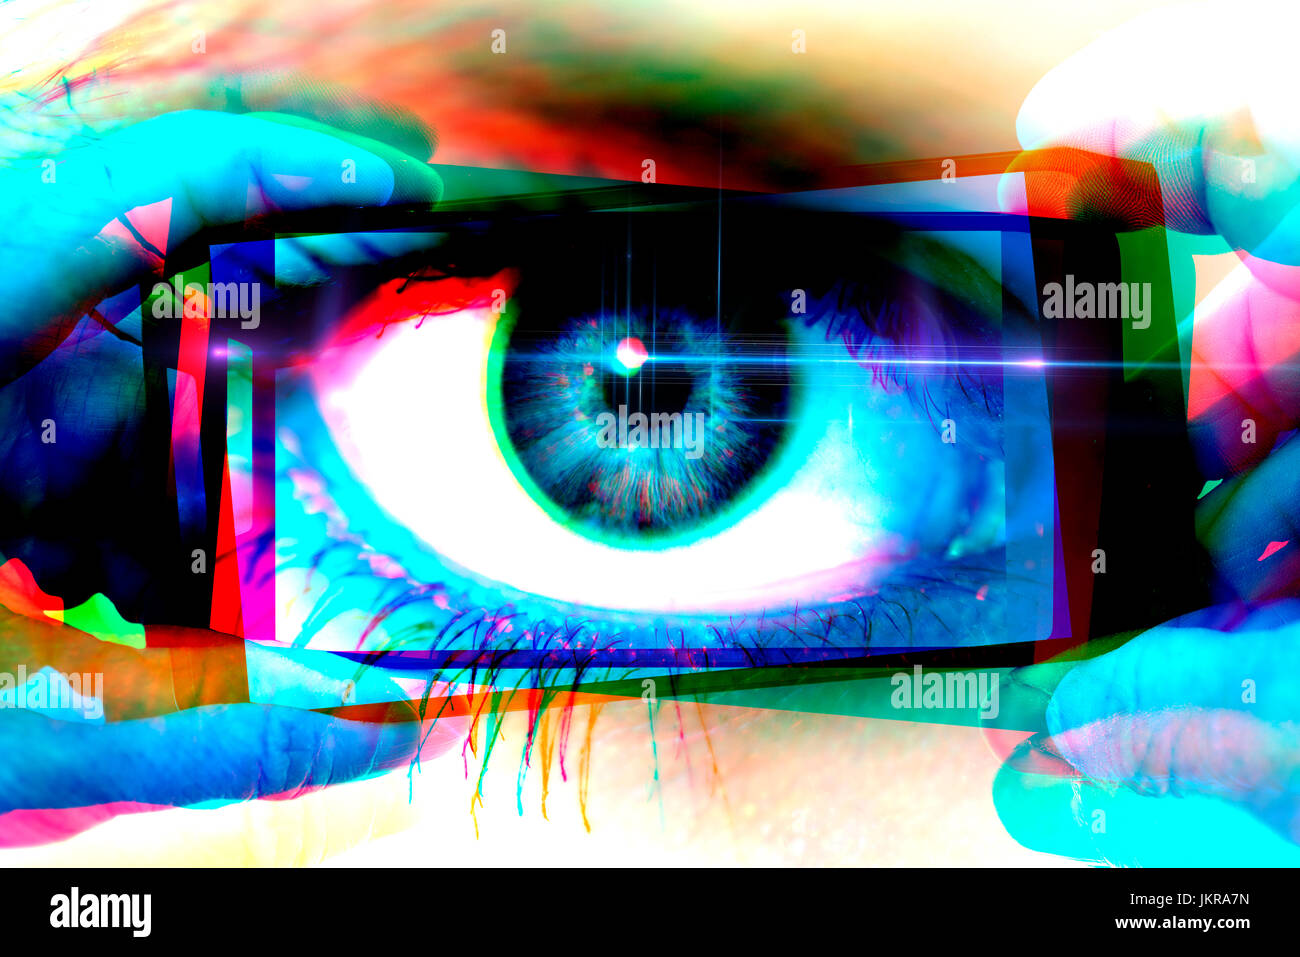 Auge in der Smartphone-Kamera, symbolische Foto für neugierige Parkers Auge in Smartphone-Kamera, Symbolfoto Stockbild